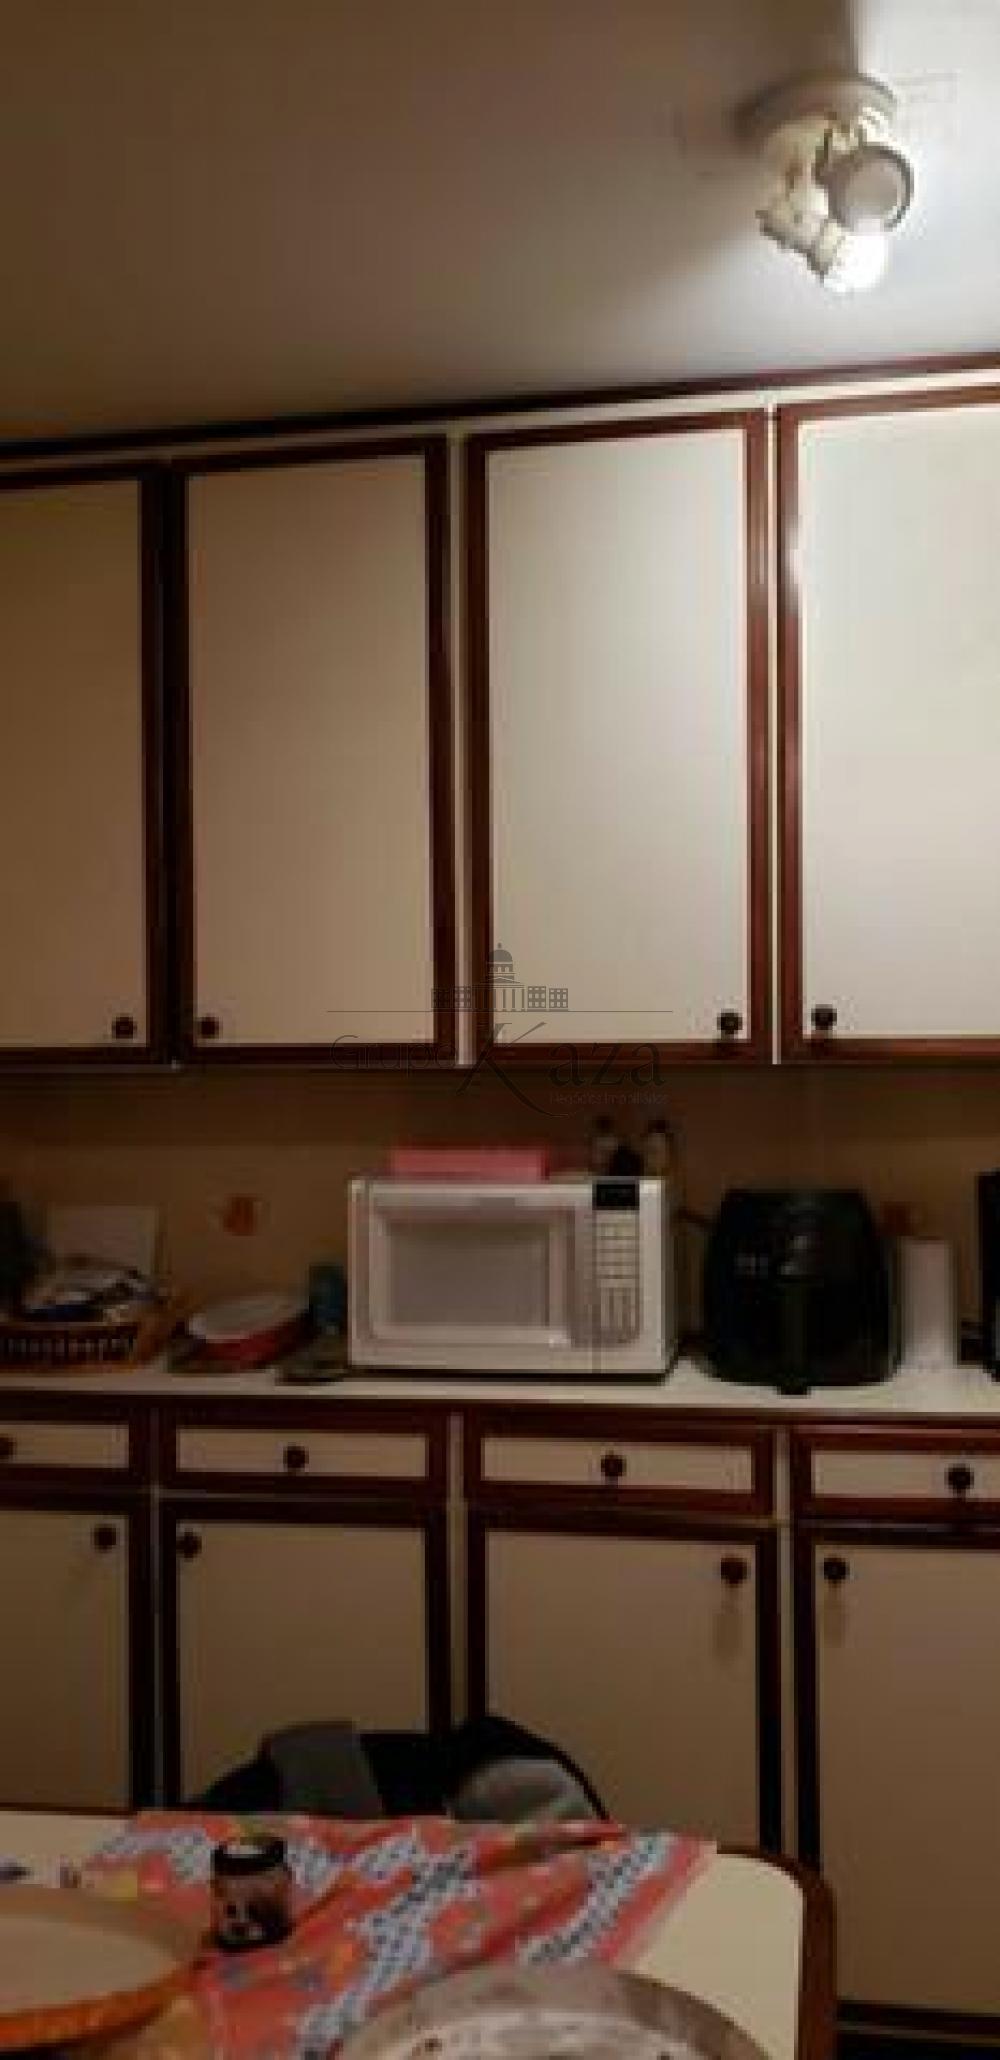 alt='Comprar Apartamento / Padrão em São José dos Campos R$ 530.000,00 - Foto 11' title='Comprar Apartamento / Padrão em São José dos Campos R$ 530.000,00 - Foto 11'